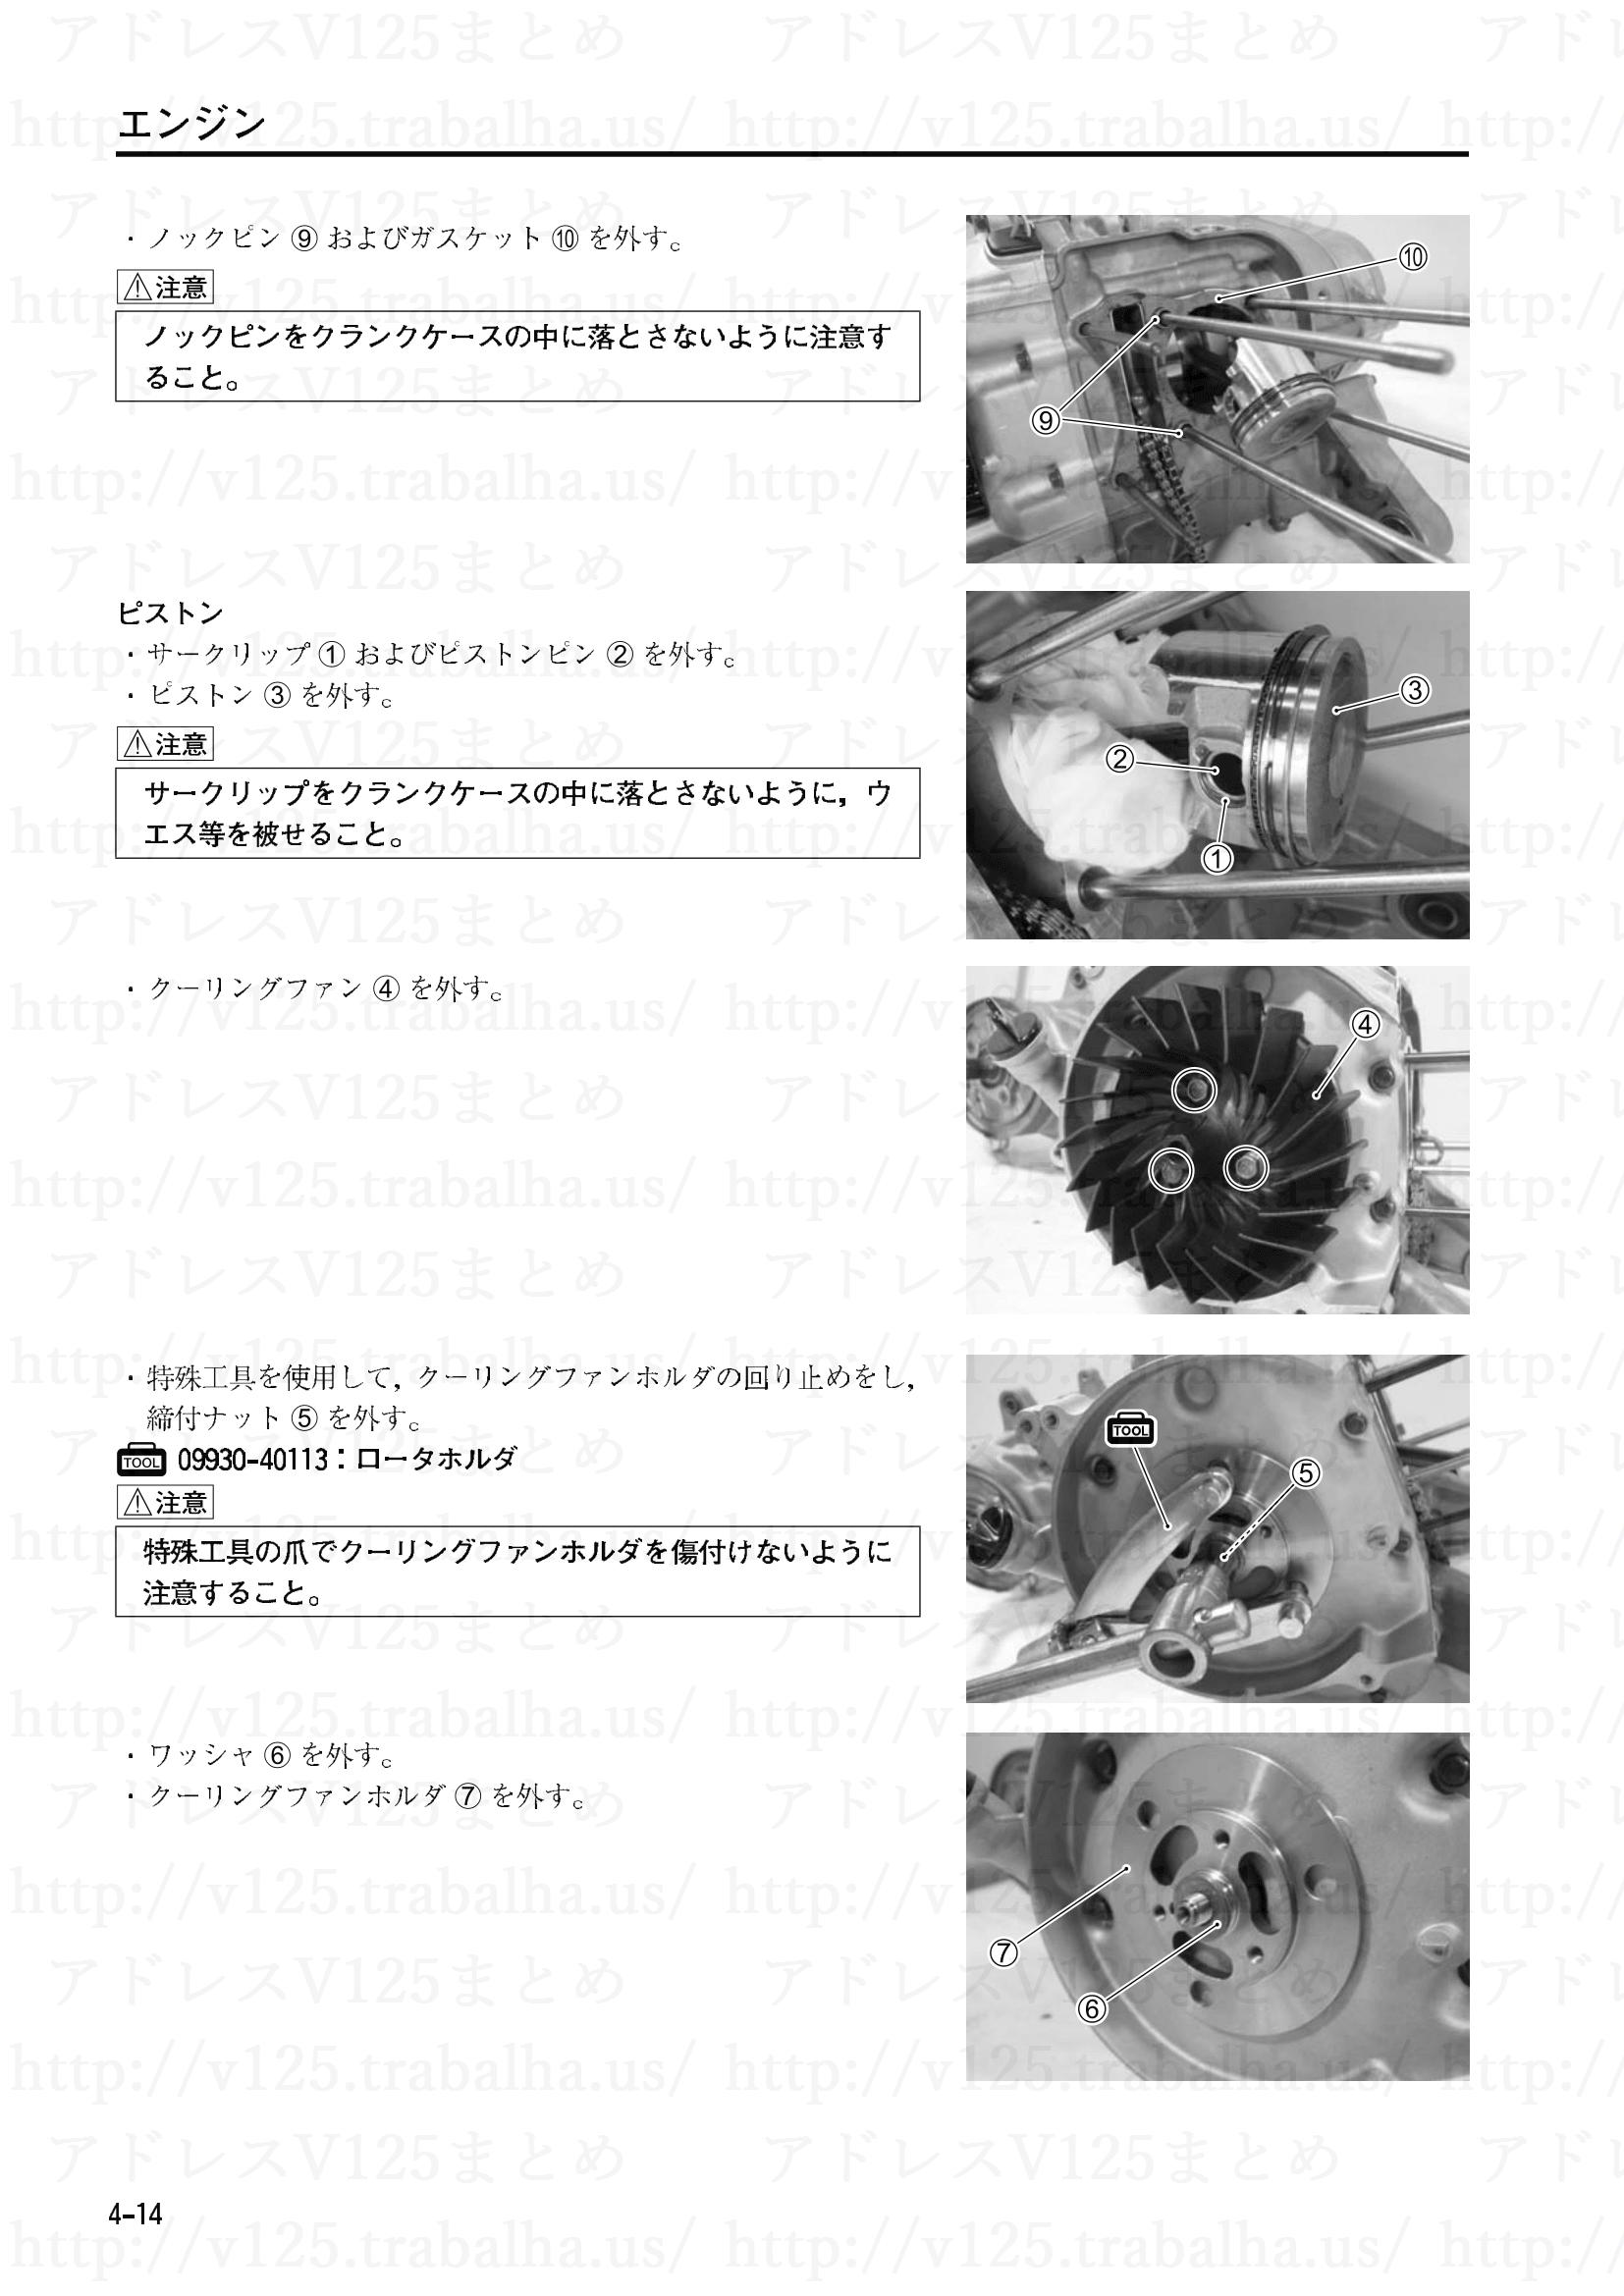 4-14【エンジン】エンジンの分解3